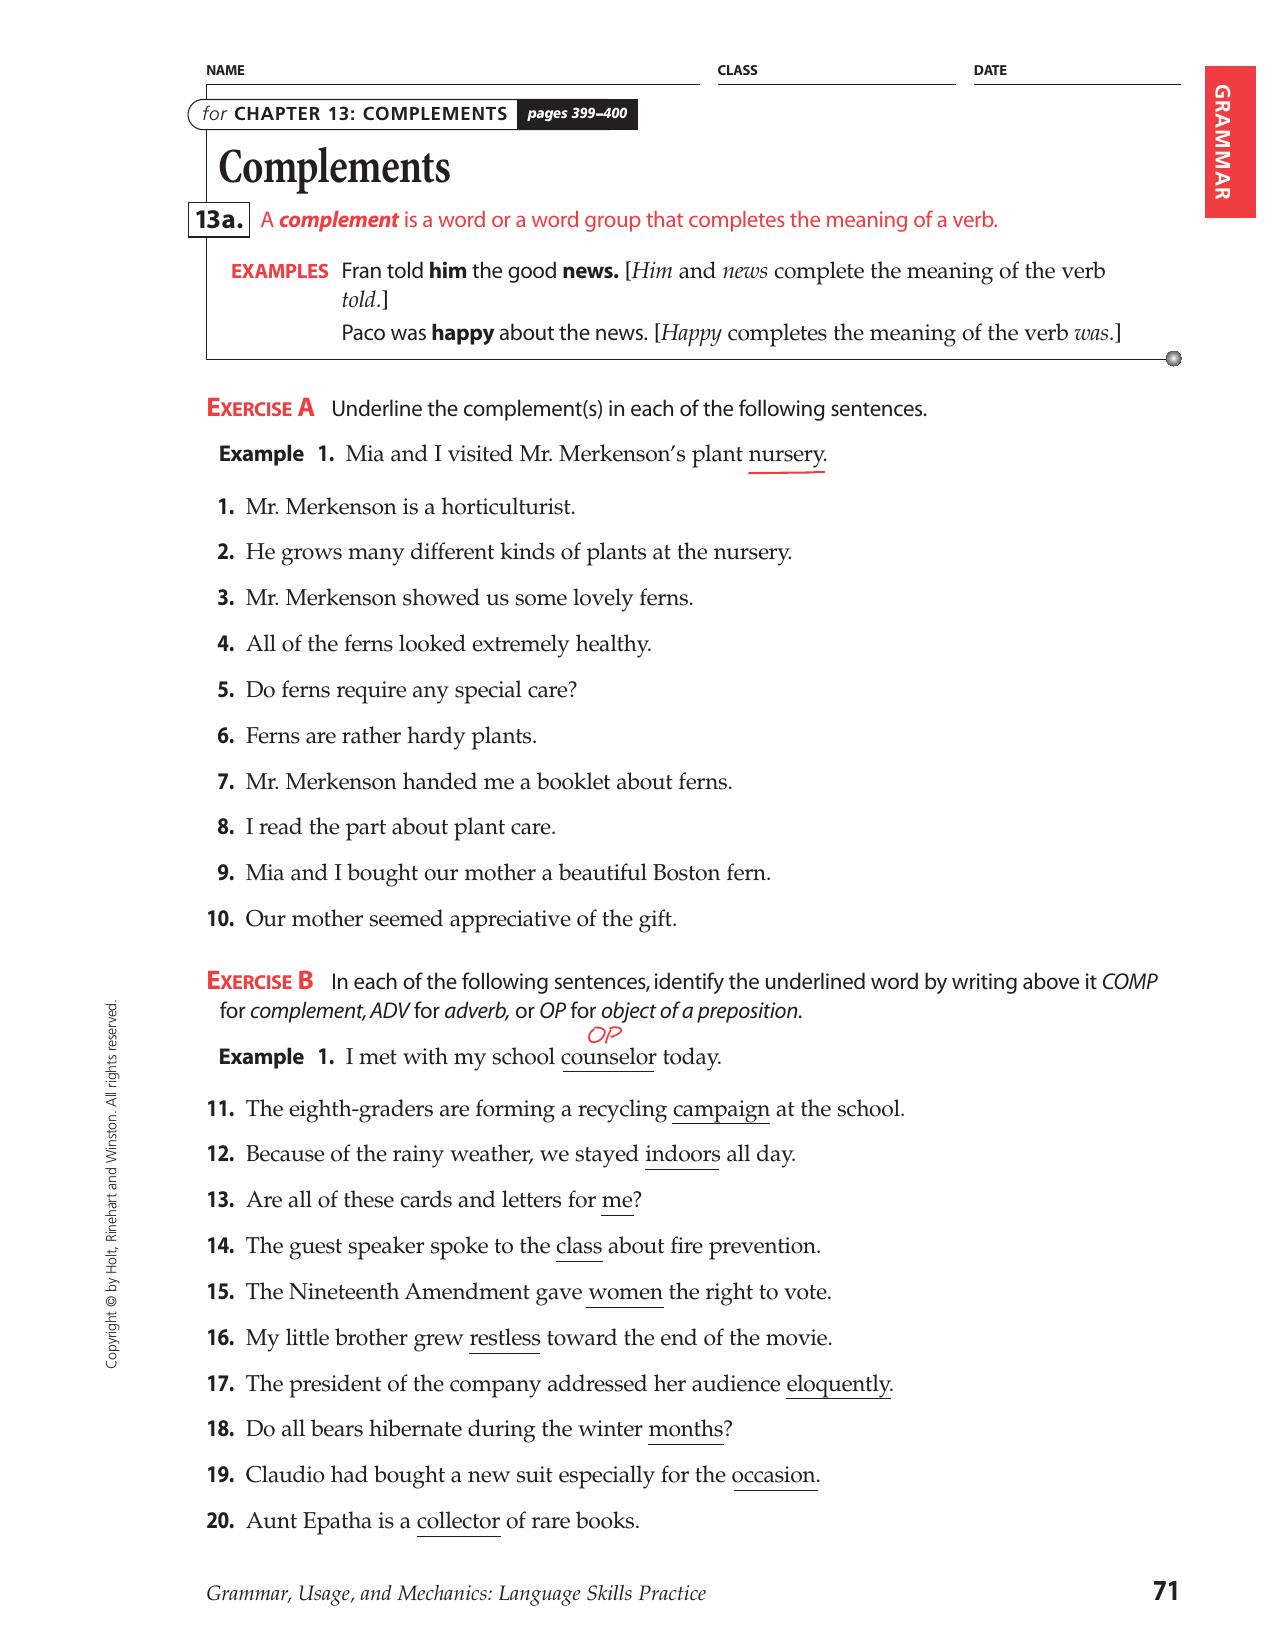 Holt Rinehart And Winston English Worksheet Answers